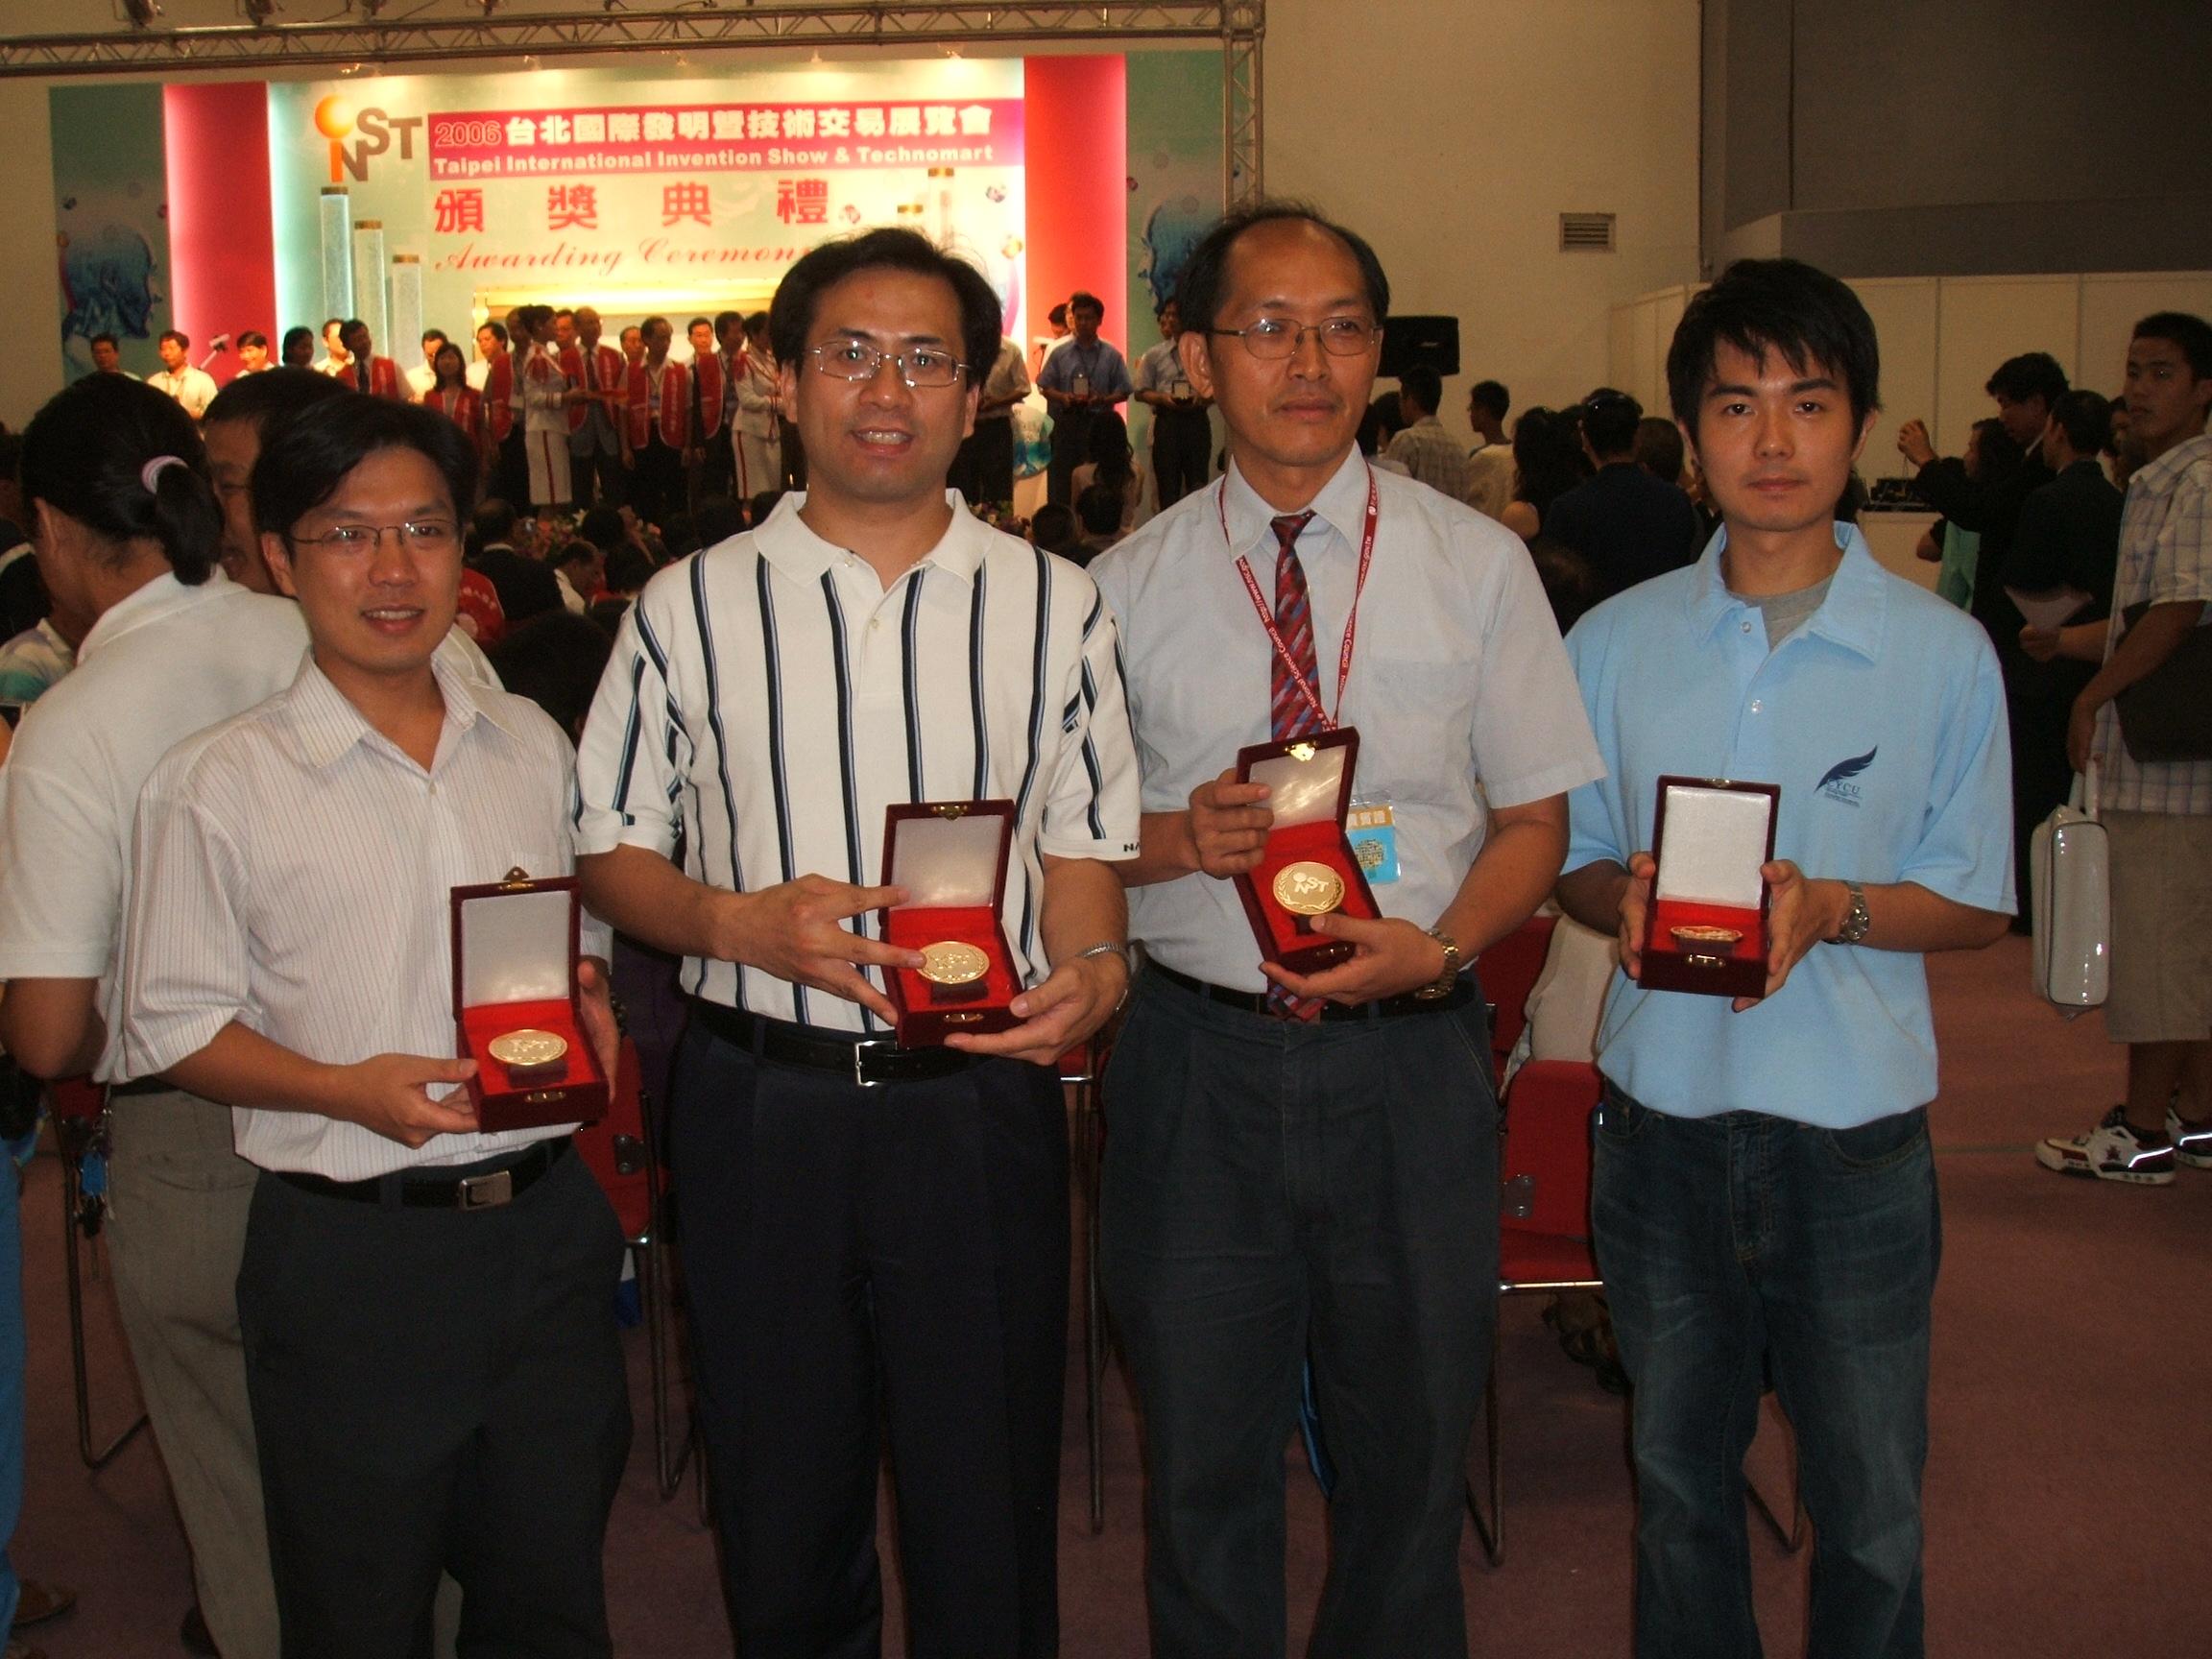 台北國際發明展 中原勇奪4金、3銅